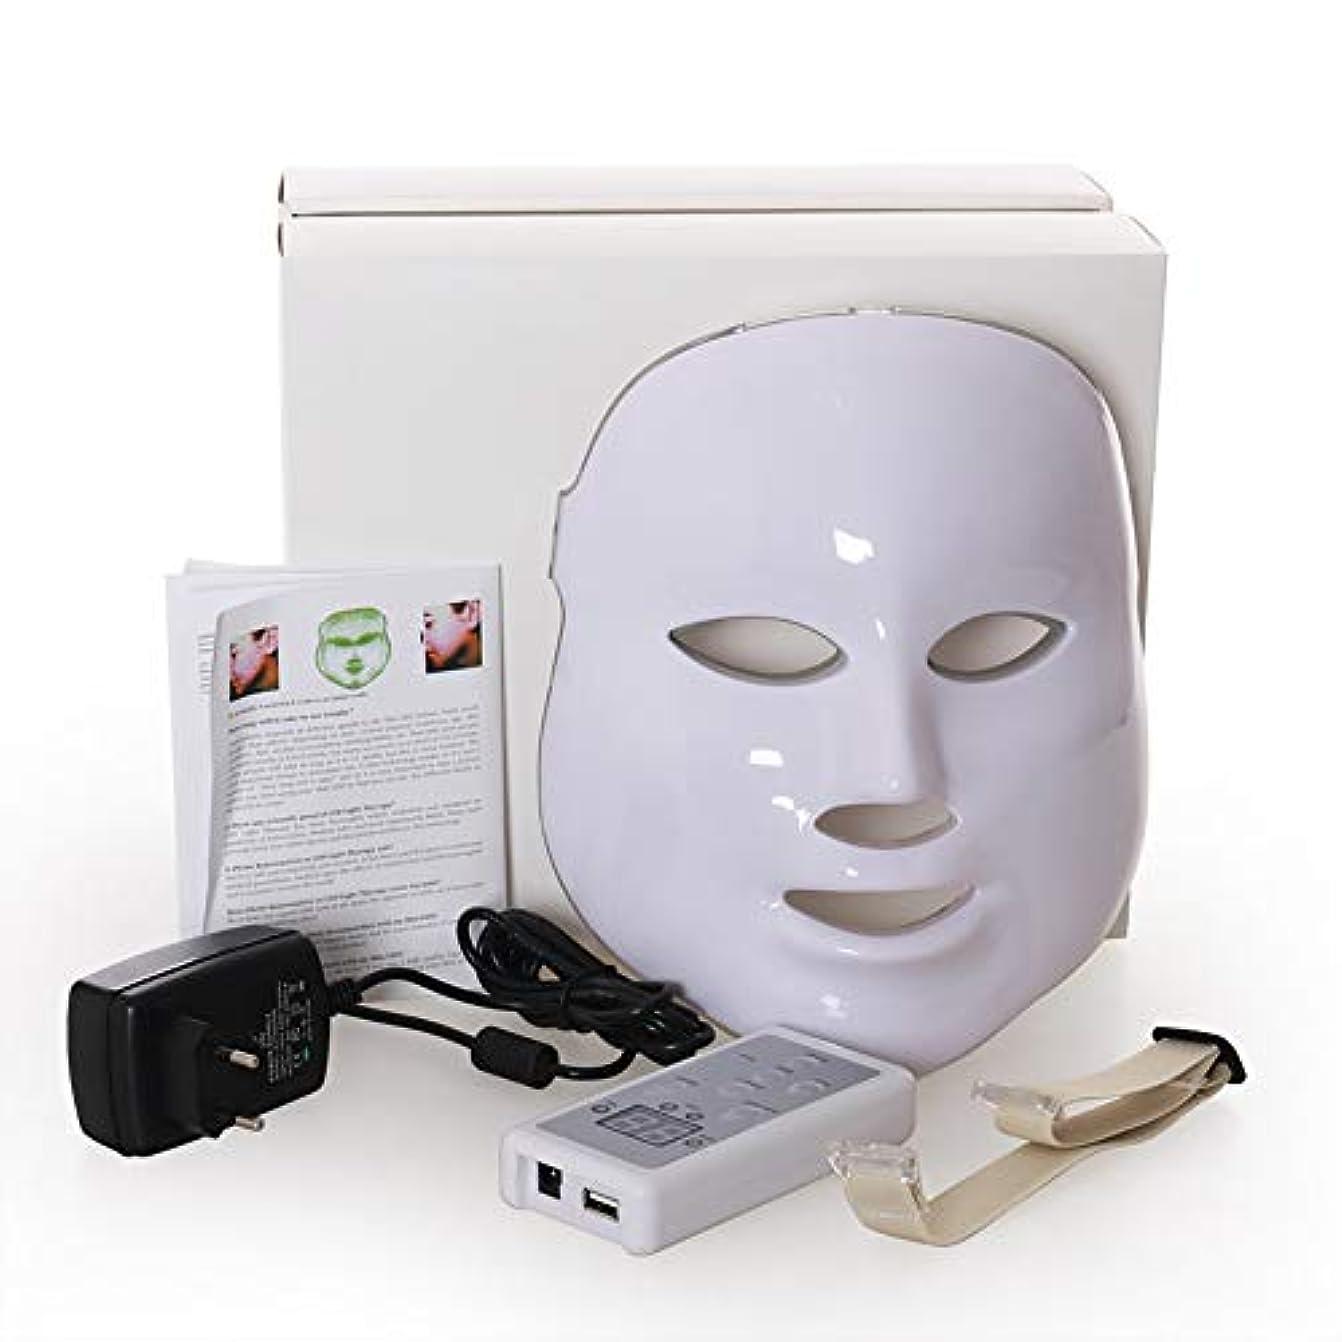 靴下相対性理論ガイダンスLed のマスク、7色はしわ、にきび及び健康な皮の若返りのコラーゲン、反老化の美のマスクのための軽い療法の顔のスキンケアのマスクを導きました